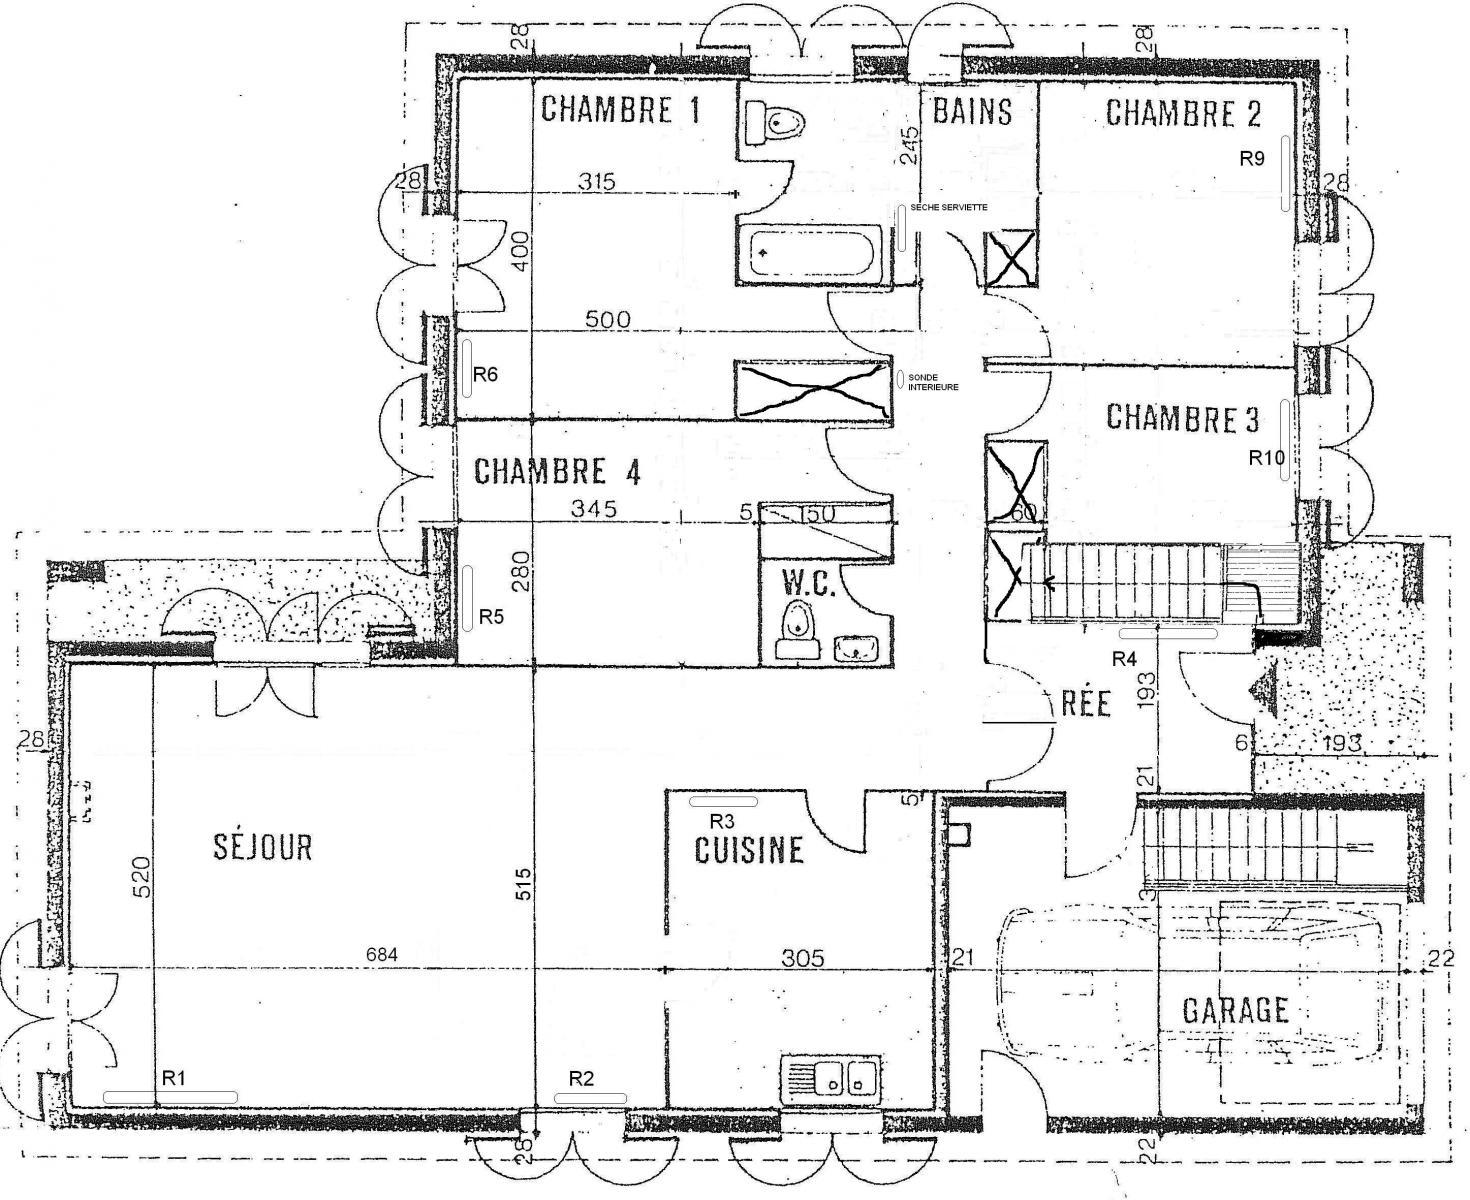 changement de vieux radiateurs. Black Bedroom Furniture Sets. Home Design Ideas